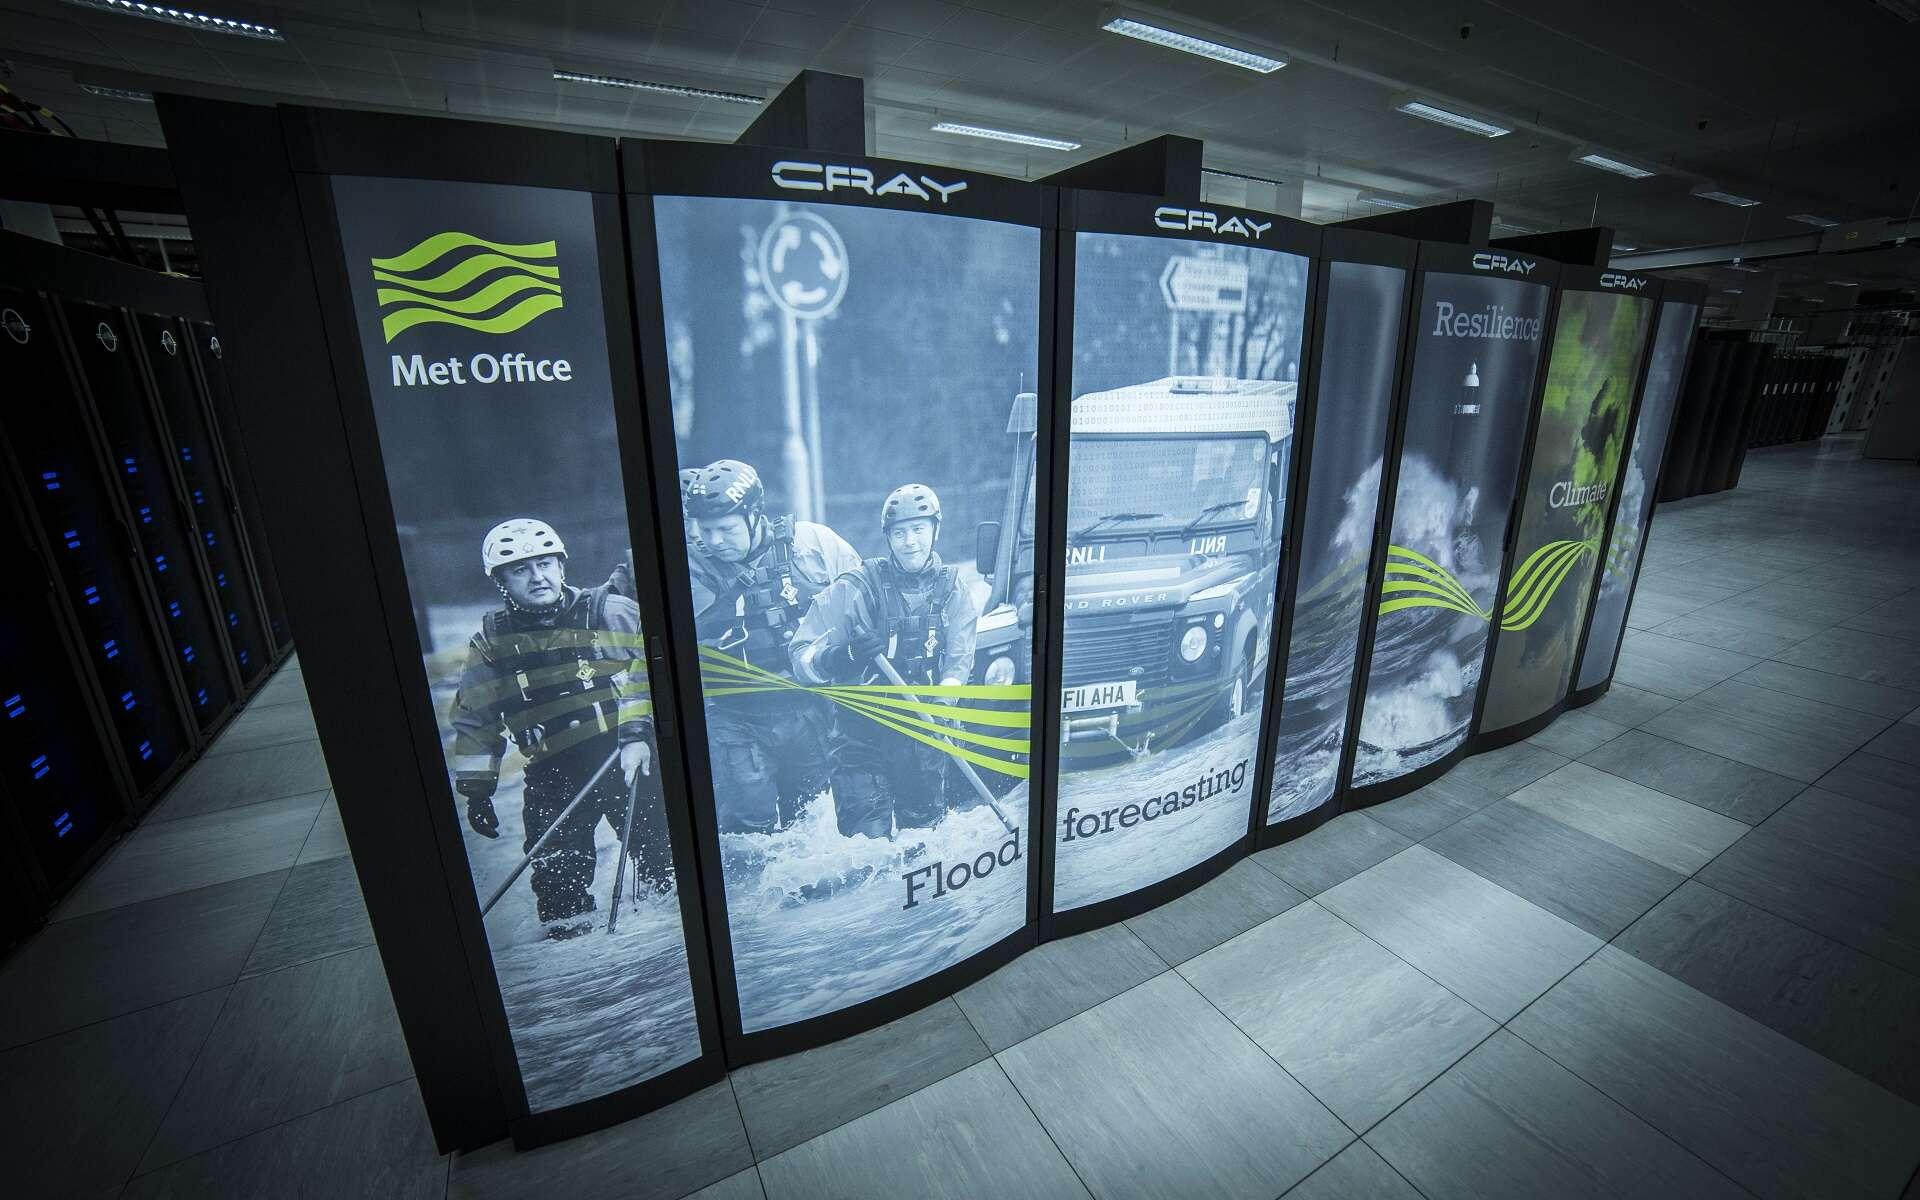 Un nouveau supercalculateur de 1,44 milliard d'euros pour les prévisions météo. © Met Office